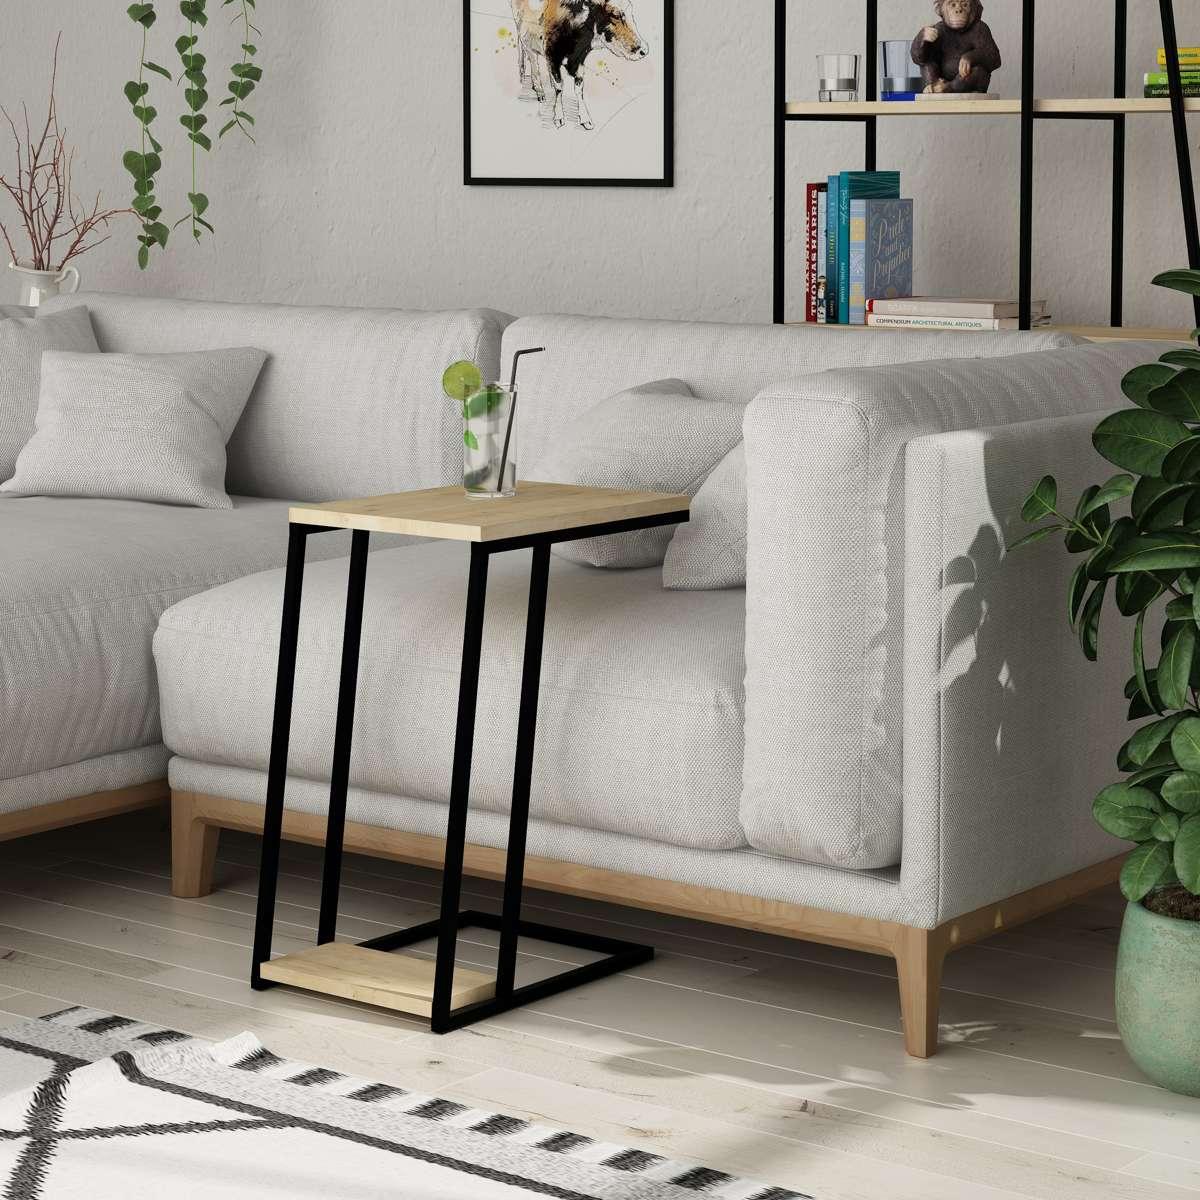 שולחן צד Pal C Side Table אלון מסדרת Decoline אפור מסדרת Decoline